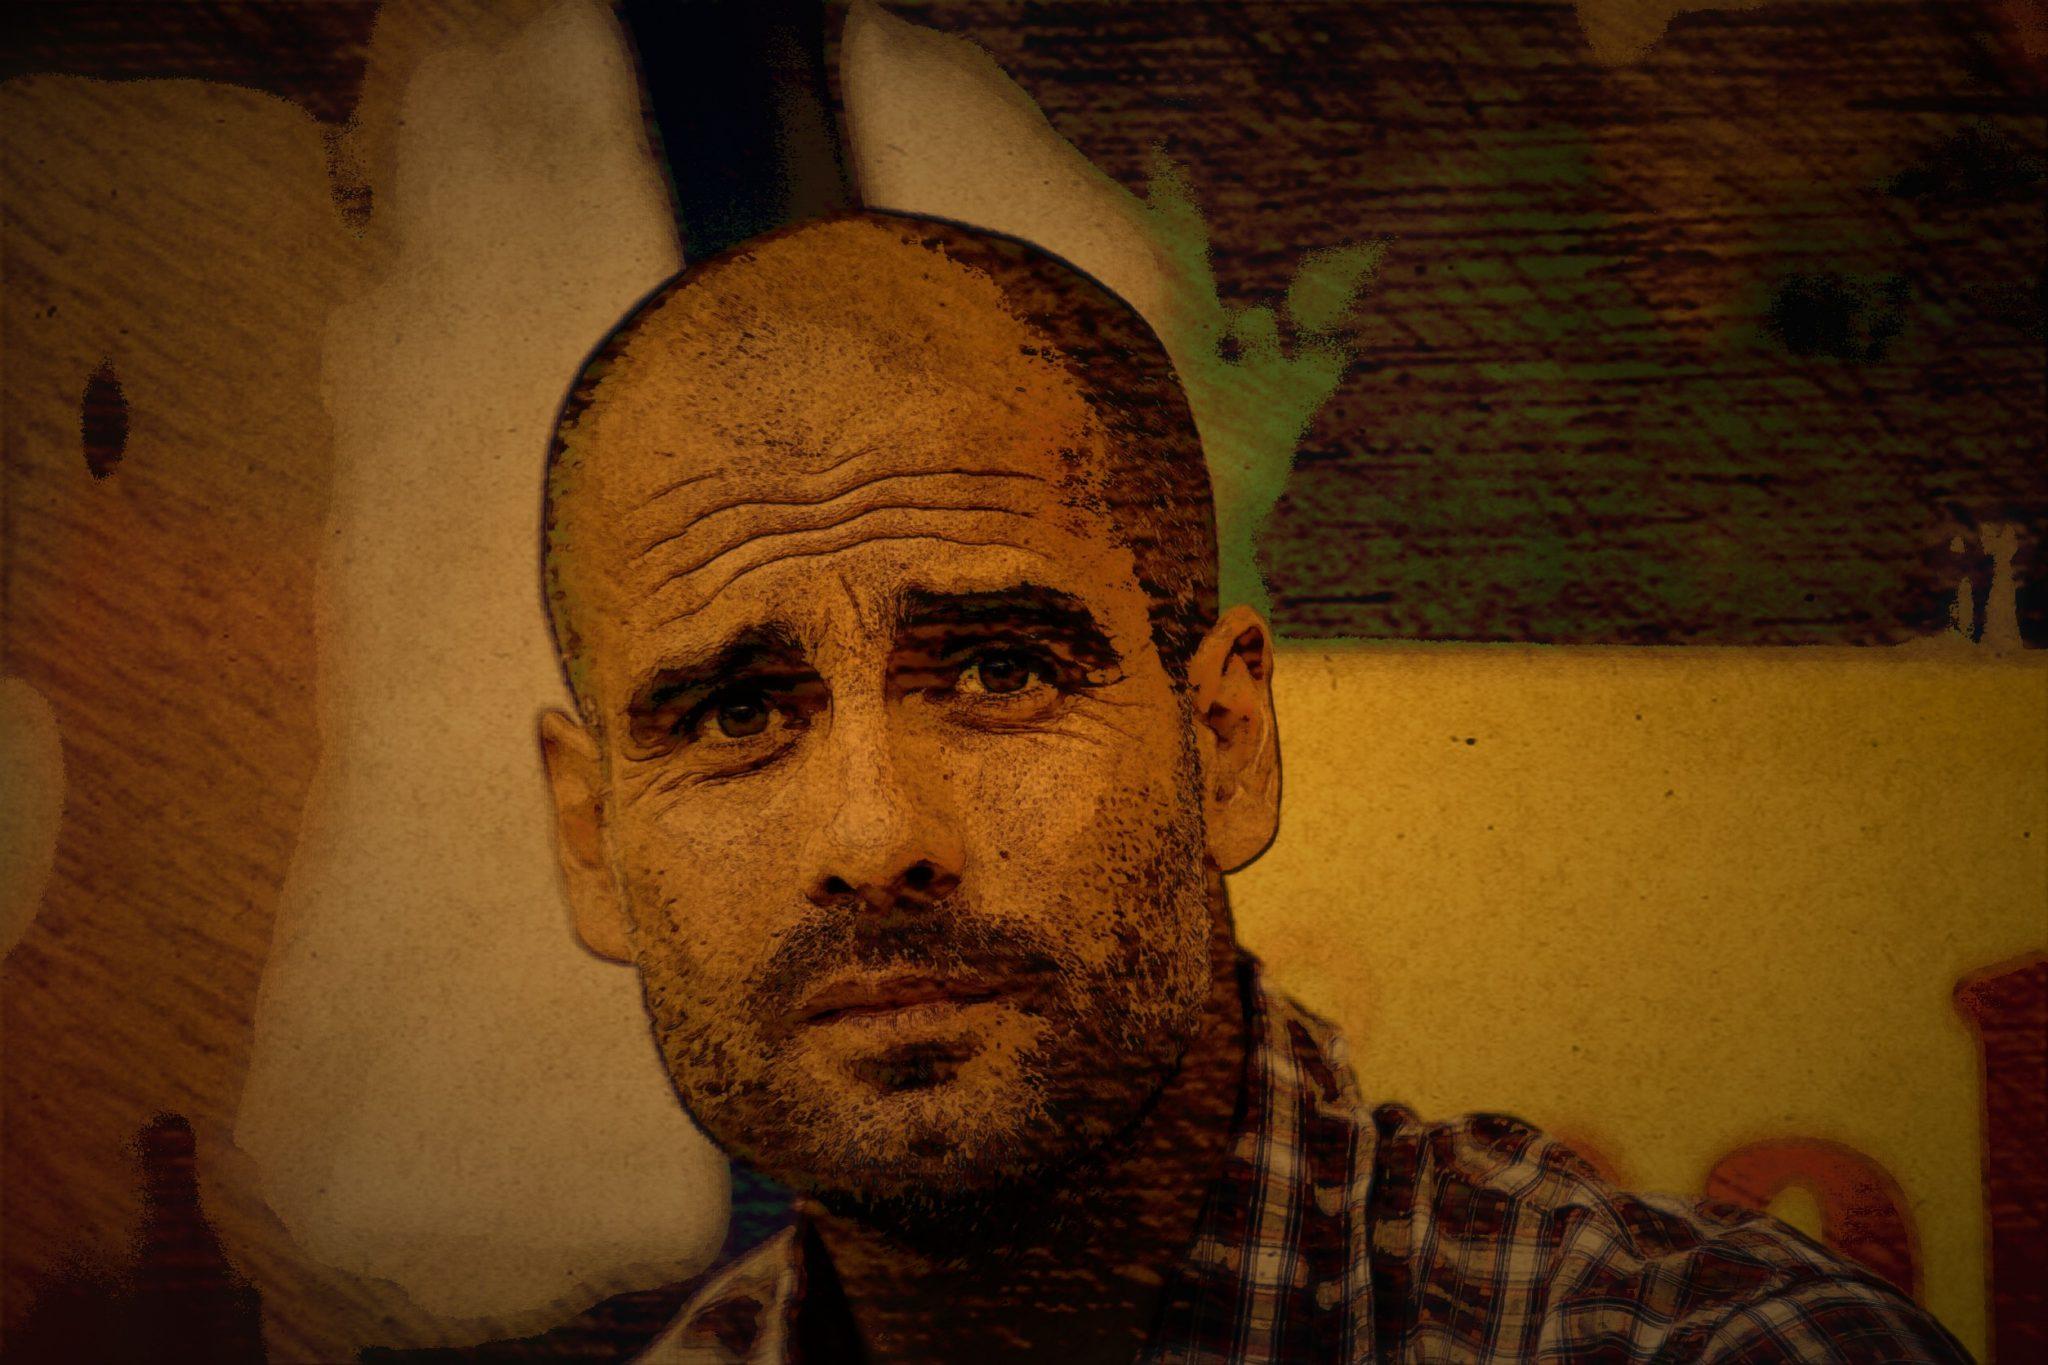 Guardiola's First Season: Success or Failure?